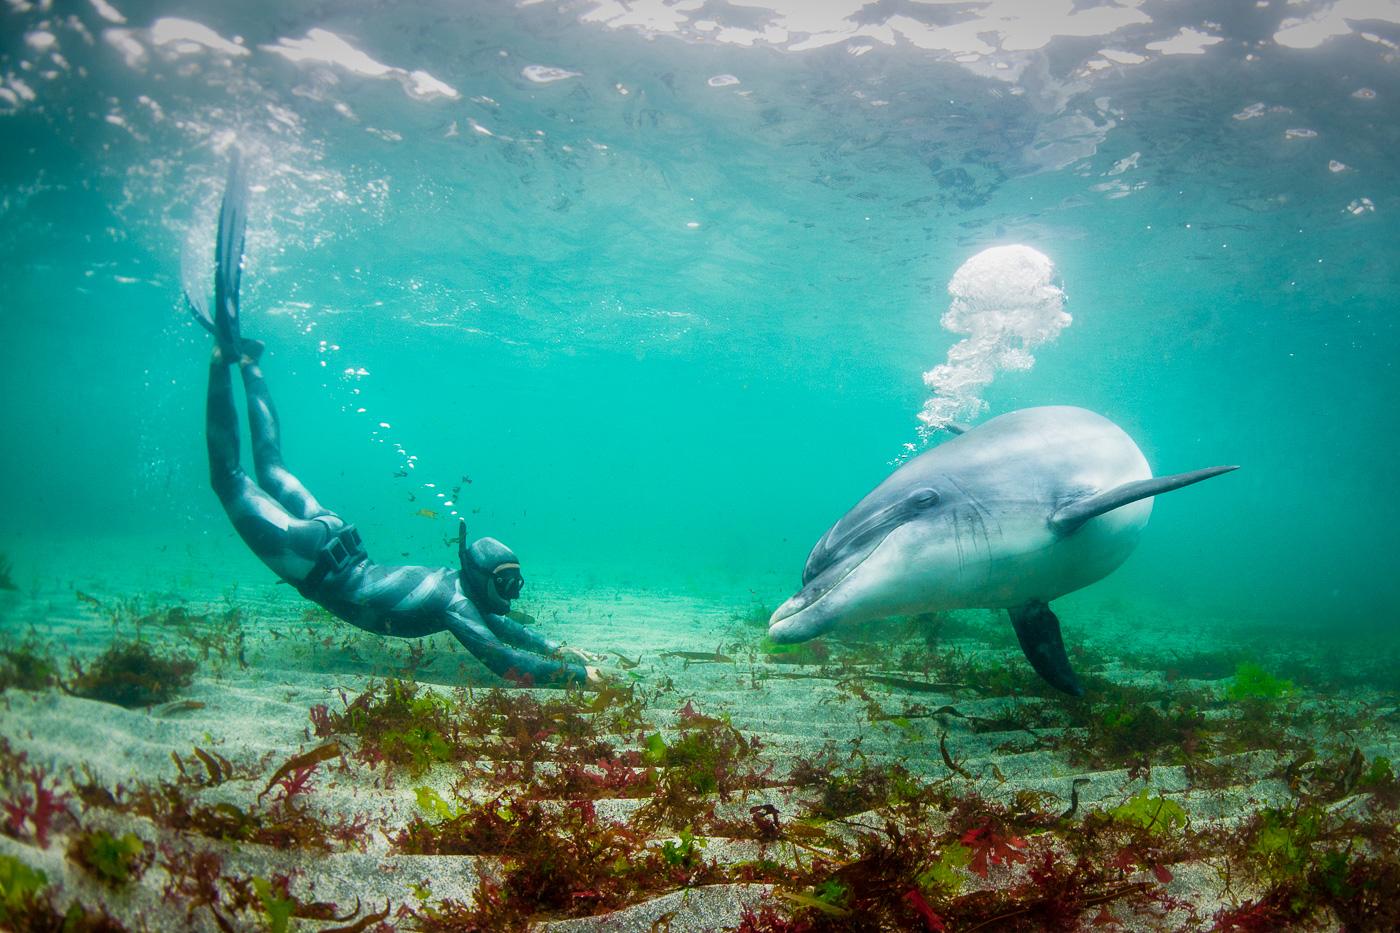 Bảo vệ môi trường biển từ góc nhìn sinh thái học nhân văn